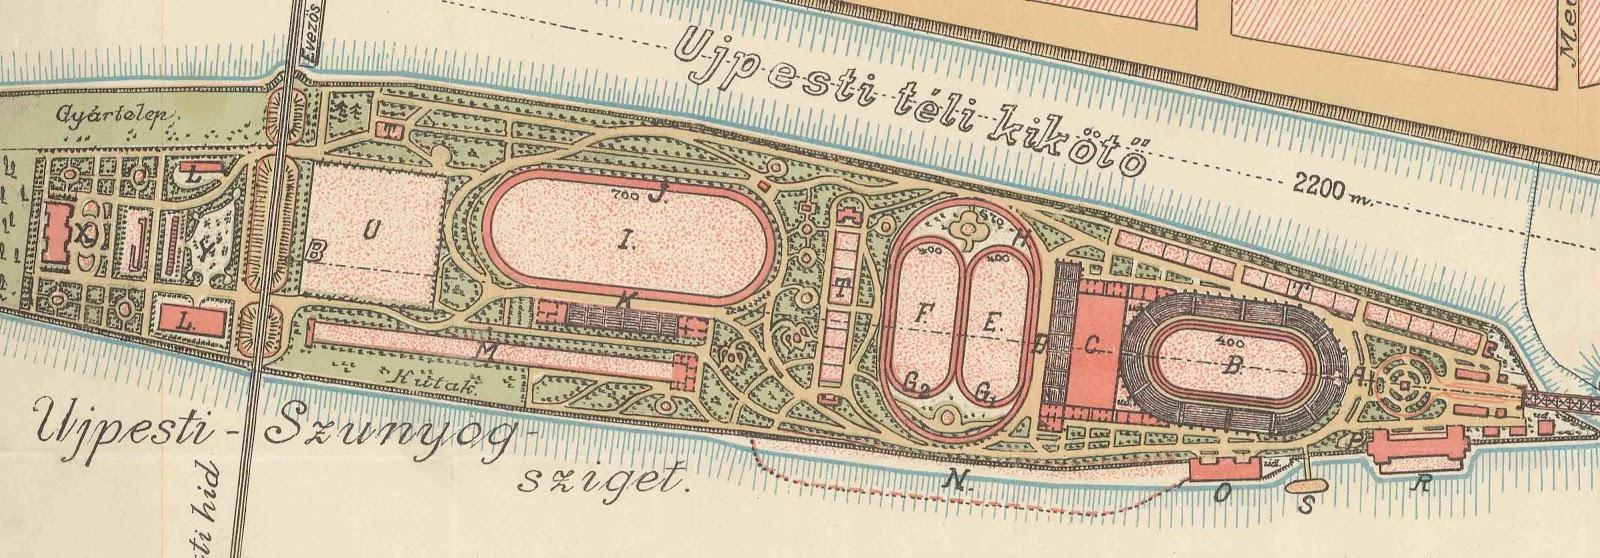 szúnyog sziget budapest térkép Dunai Szigetek: Lehorgonyzott Népsziget szúnyog sziget budapest térkép